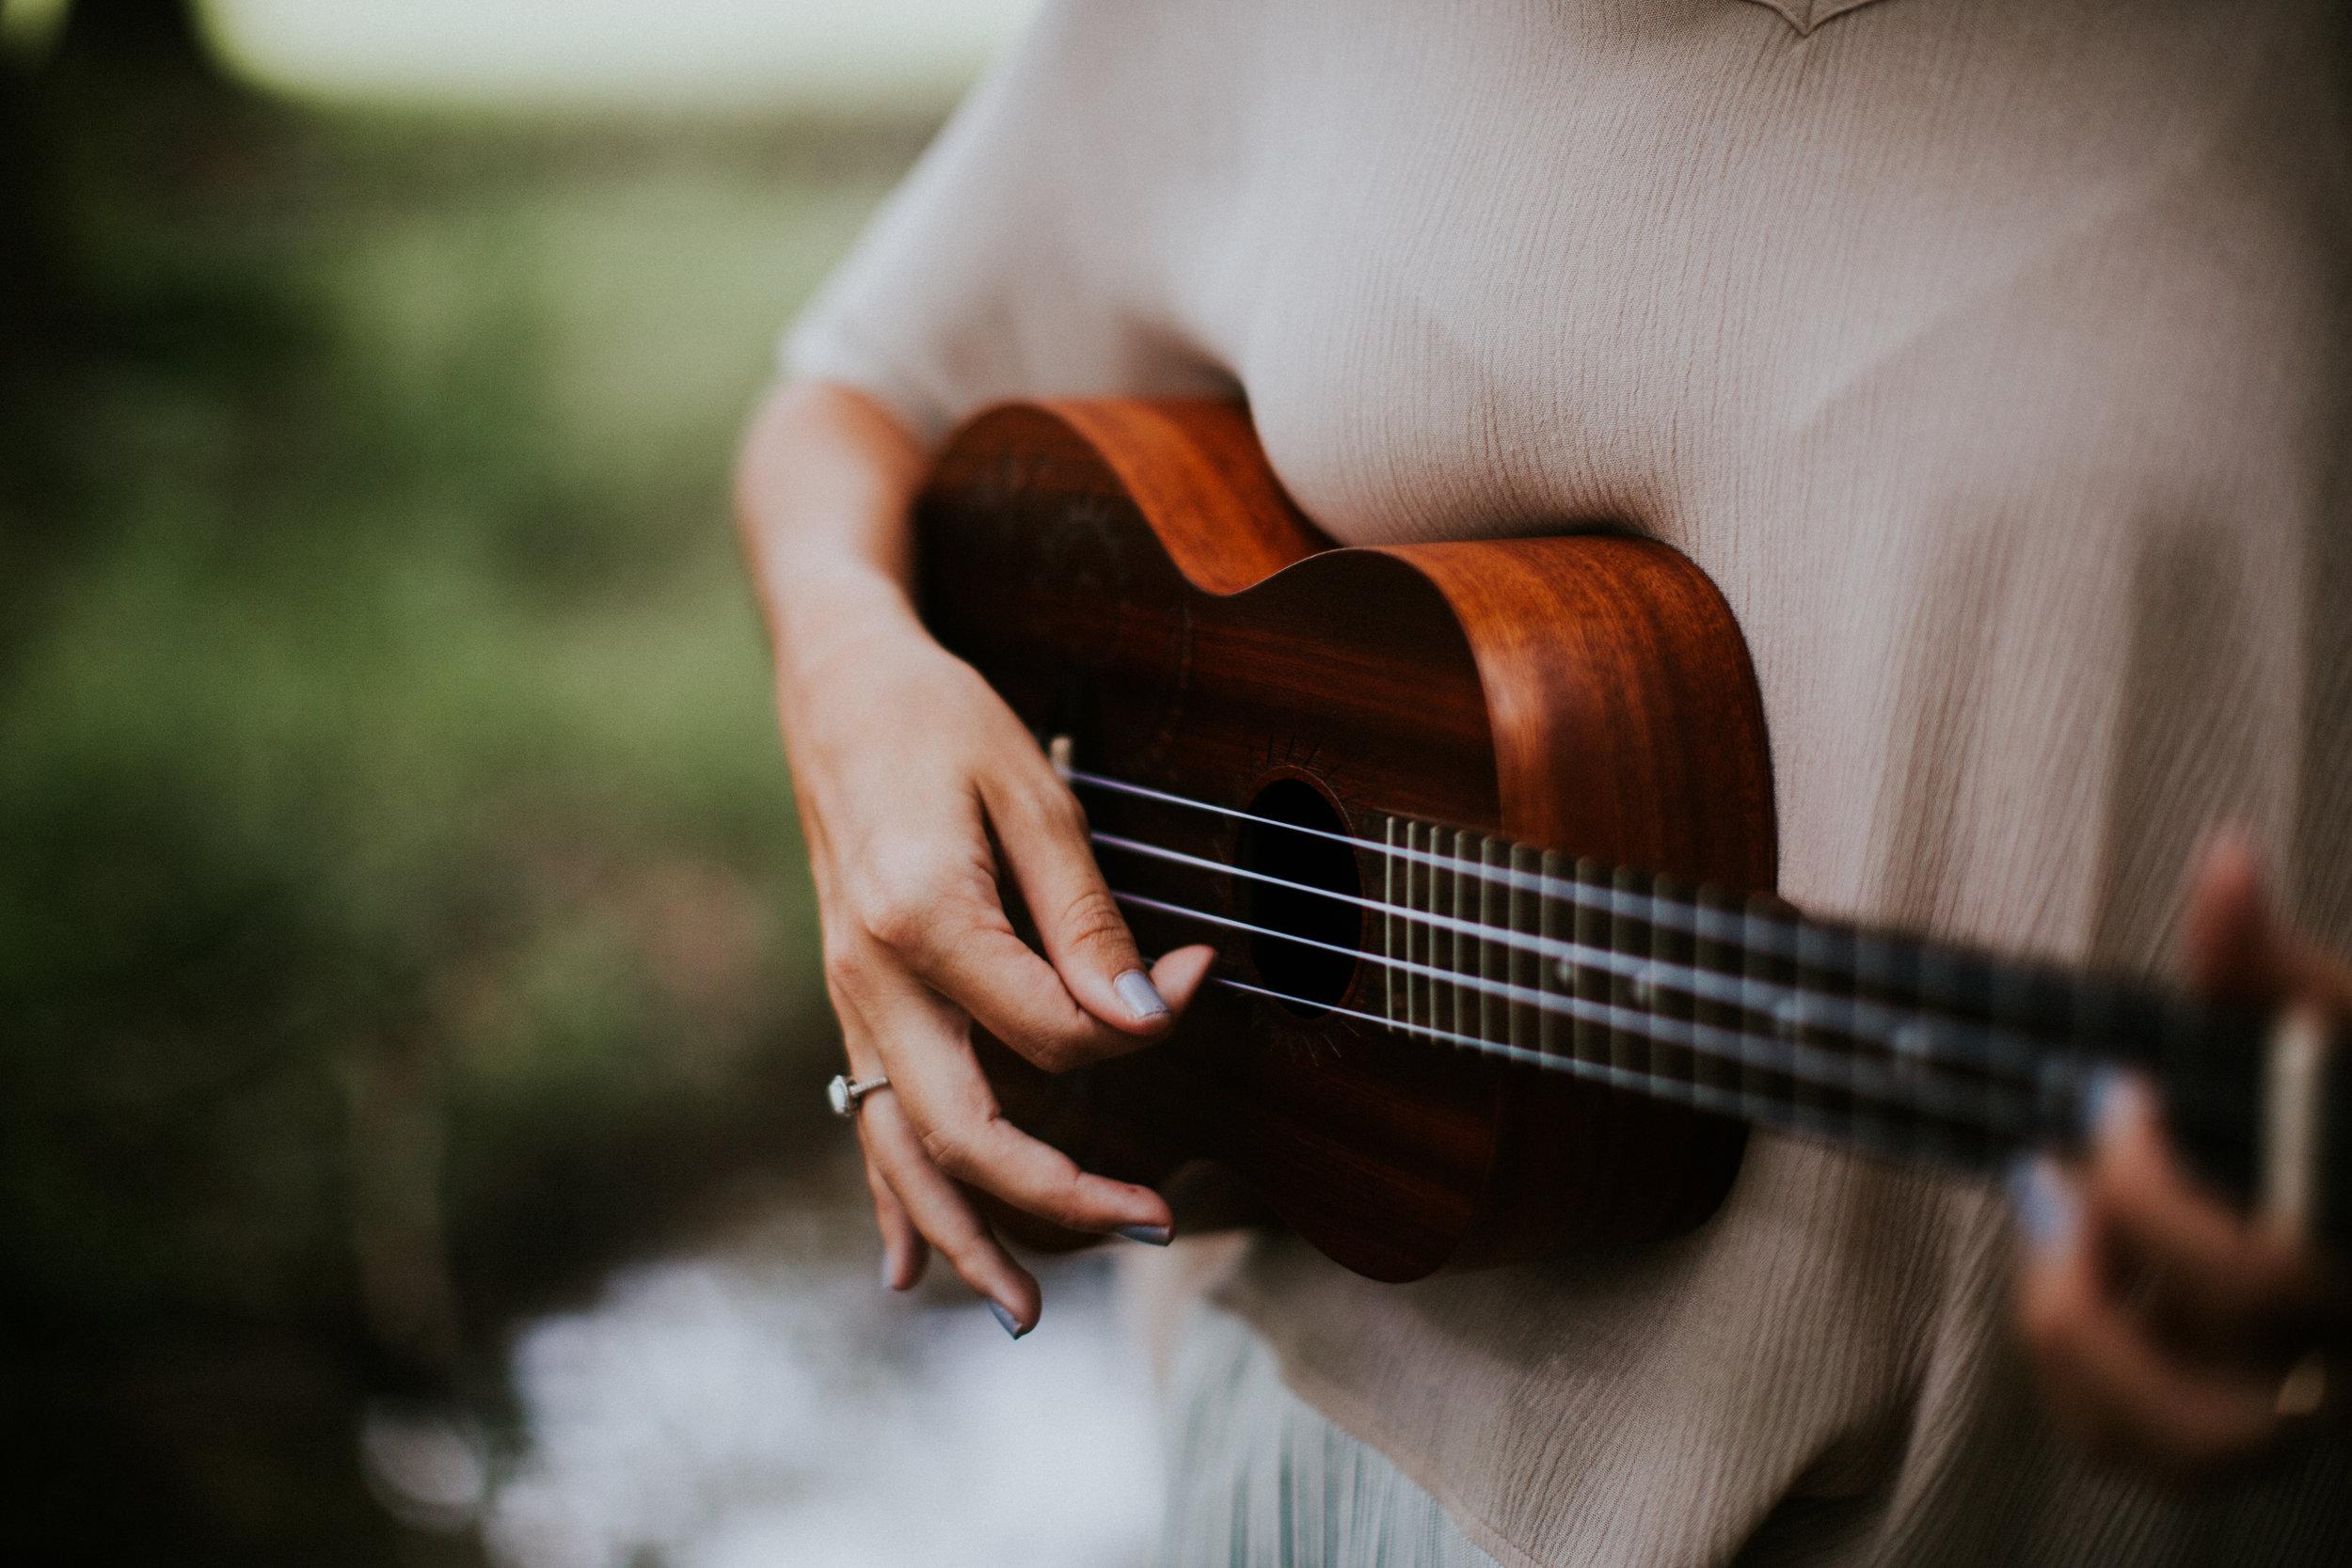 Clases de Ukelele - · ¿Quieres aprender a tocar el ukelele?· Cada vez son más las personas que quieren pasarlo bien y aprender este precioso instrumento, recomendado para todas las edades.· Clases en grupos reducidos (máximo 5 personas) por sólo 48 euros al mes, 1 hora a la semana.· También contarás con acceso Gratuito a los Cursos Online.